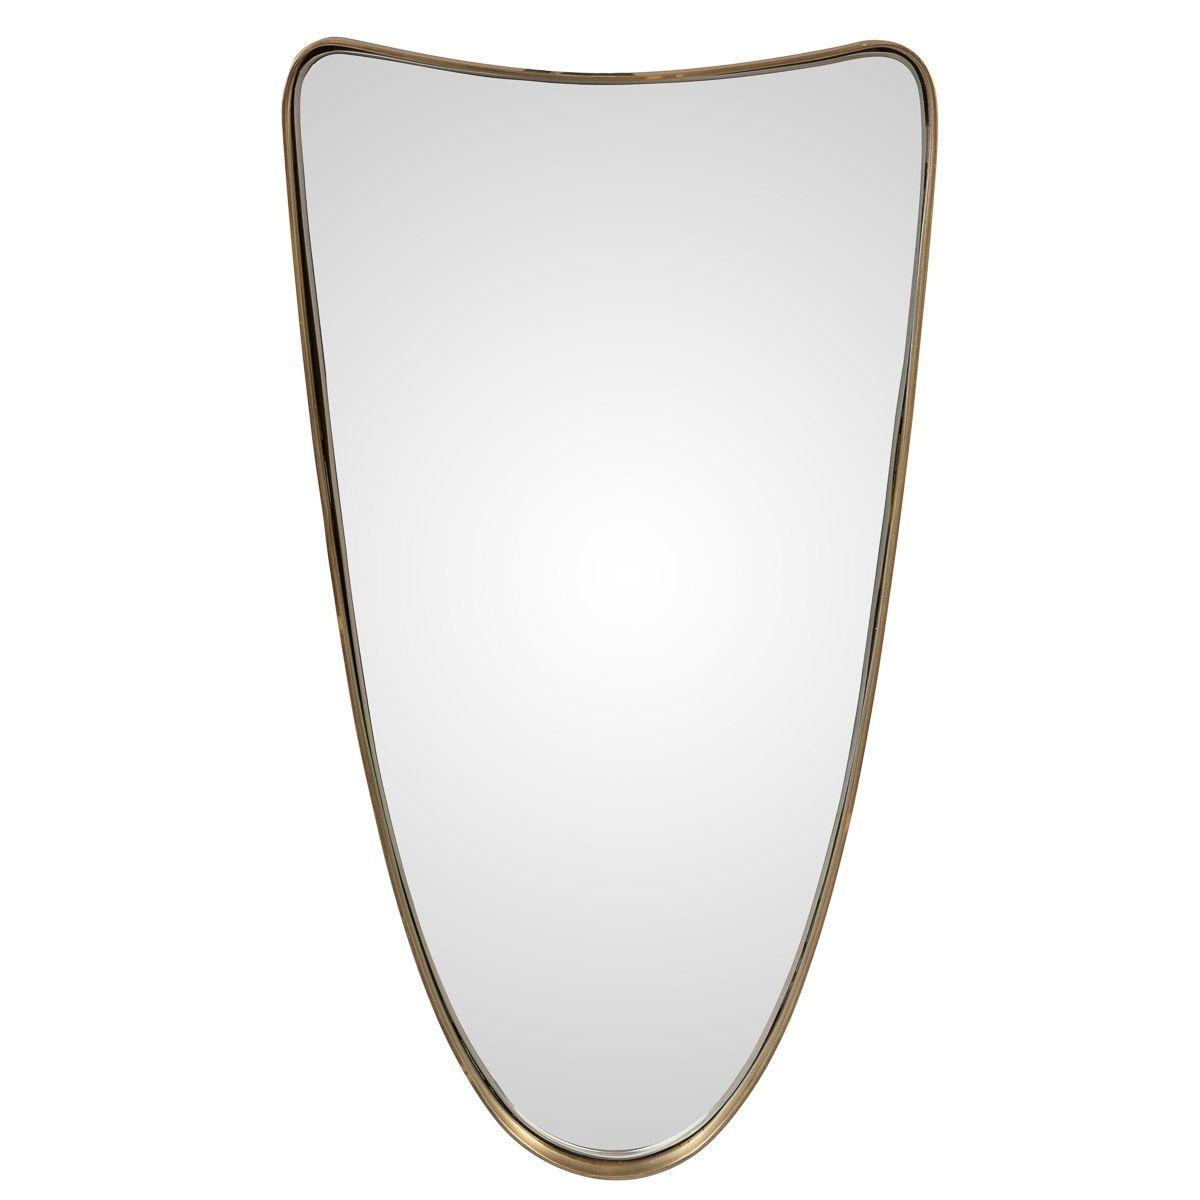 Miroir doré en fer et placage laiton 61x31cm